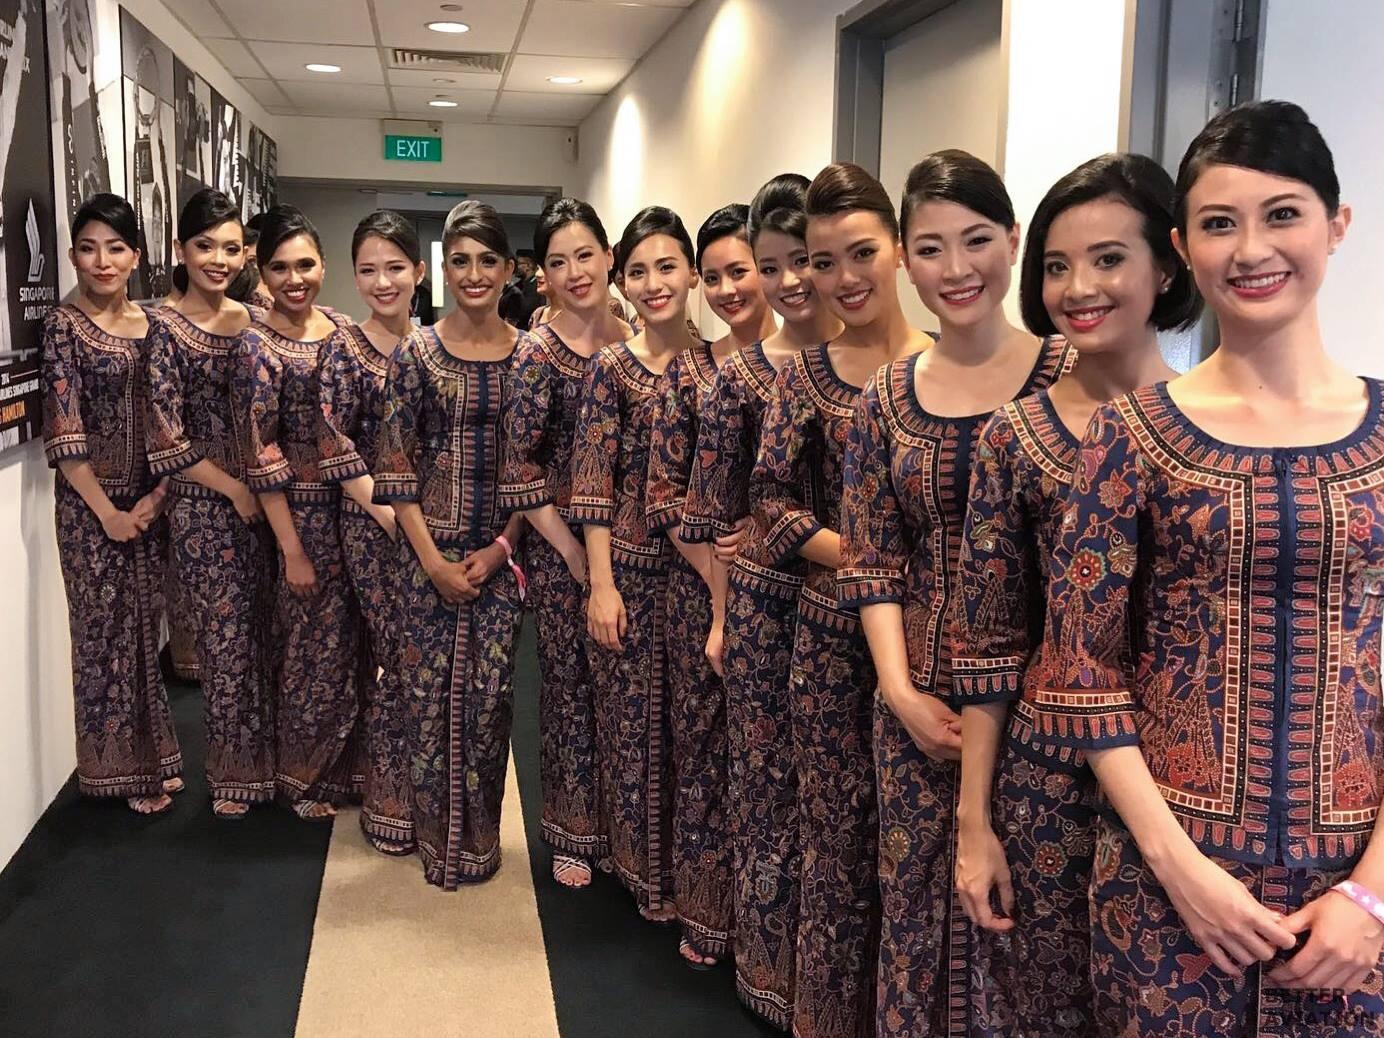 Singapore Airlines khai trương học viện đào tạo về dịch vụ và vận hành - Ảnh 3.